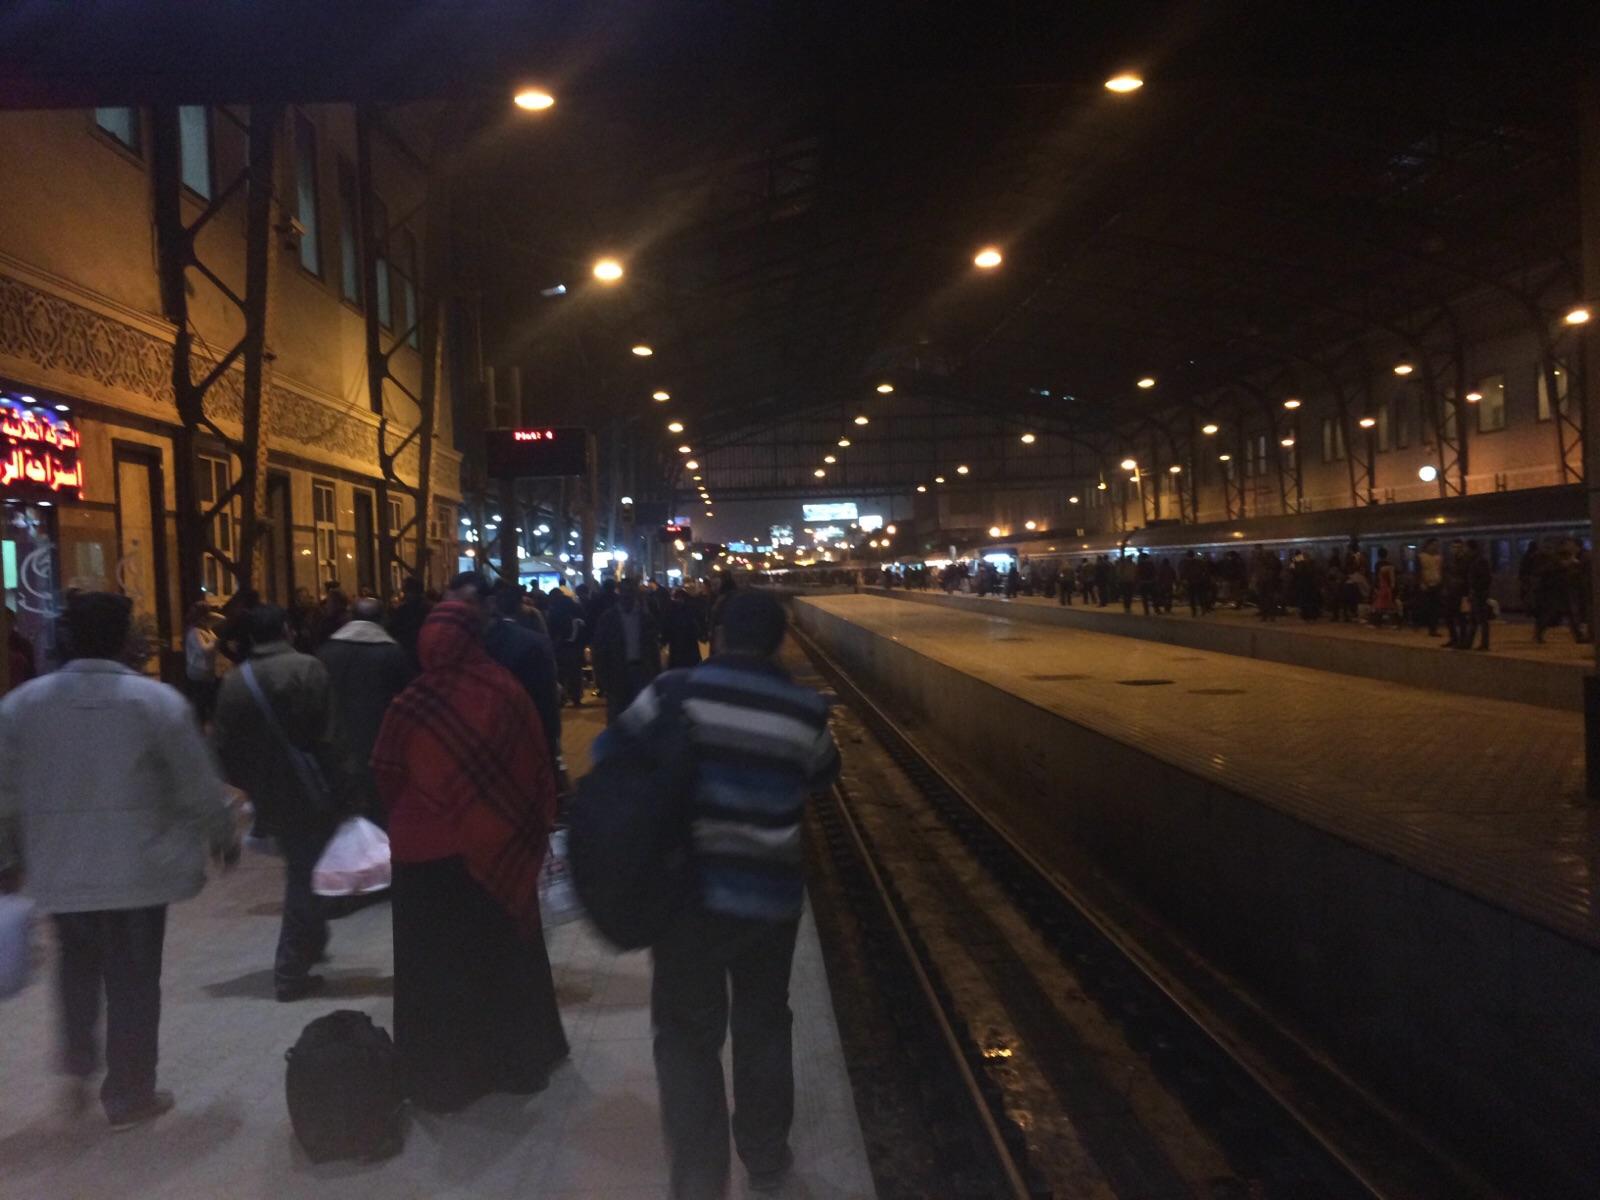 إضراب السائقين يشل حركة القطارات.. ومئات العالقين منذ ساعات